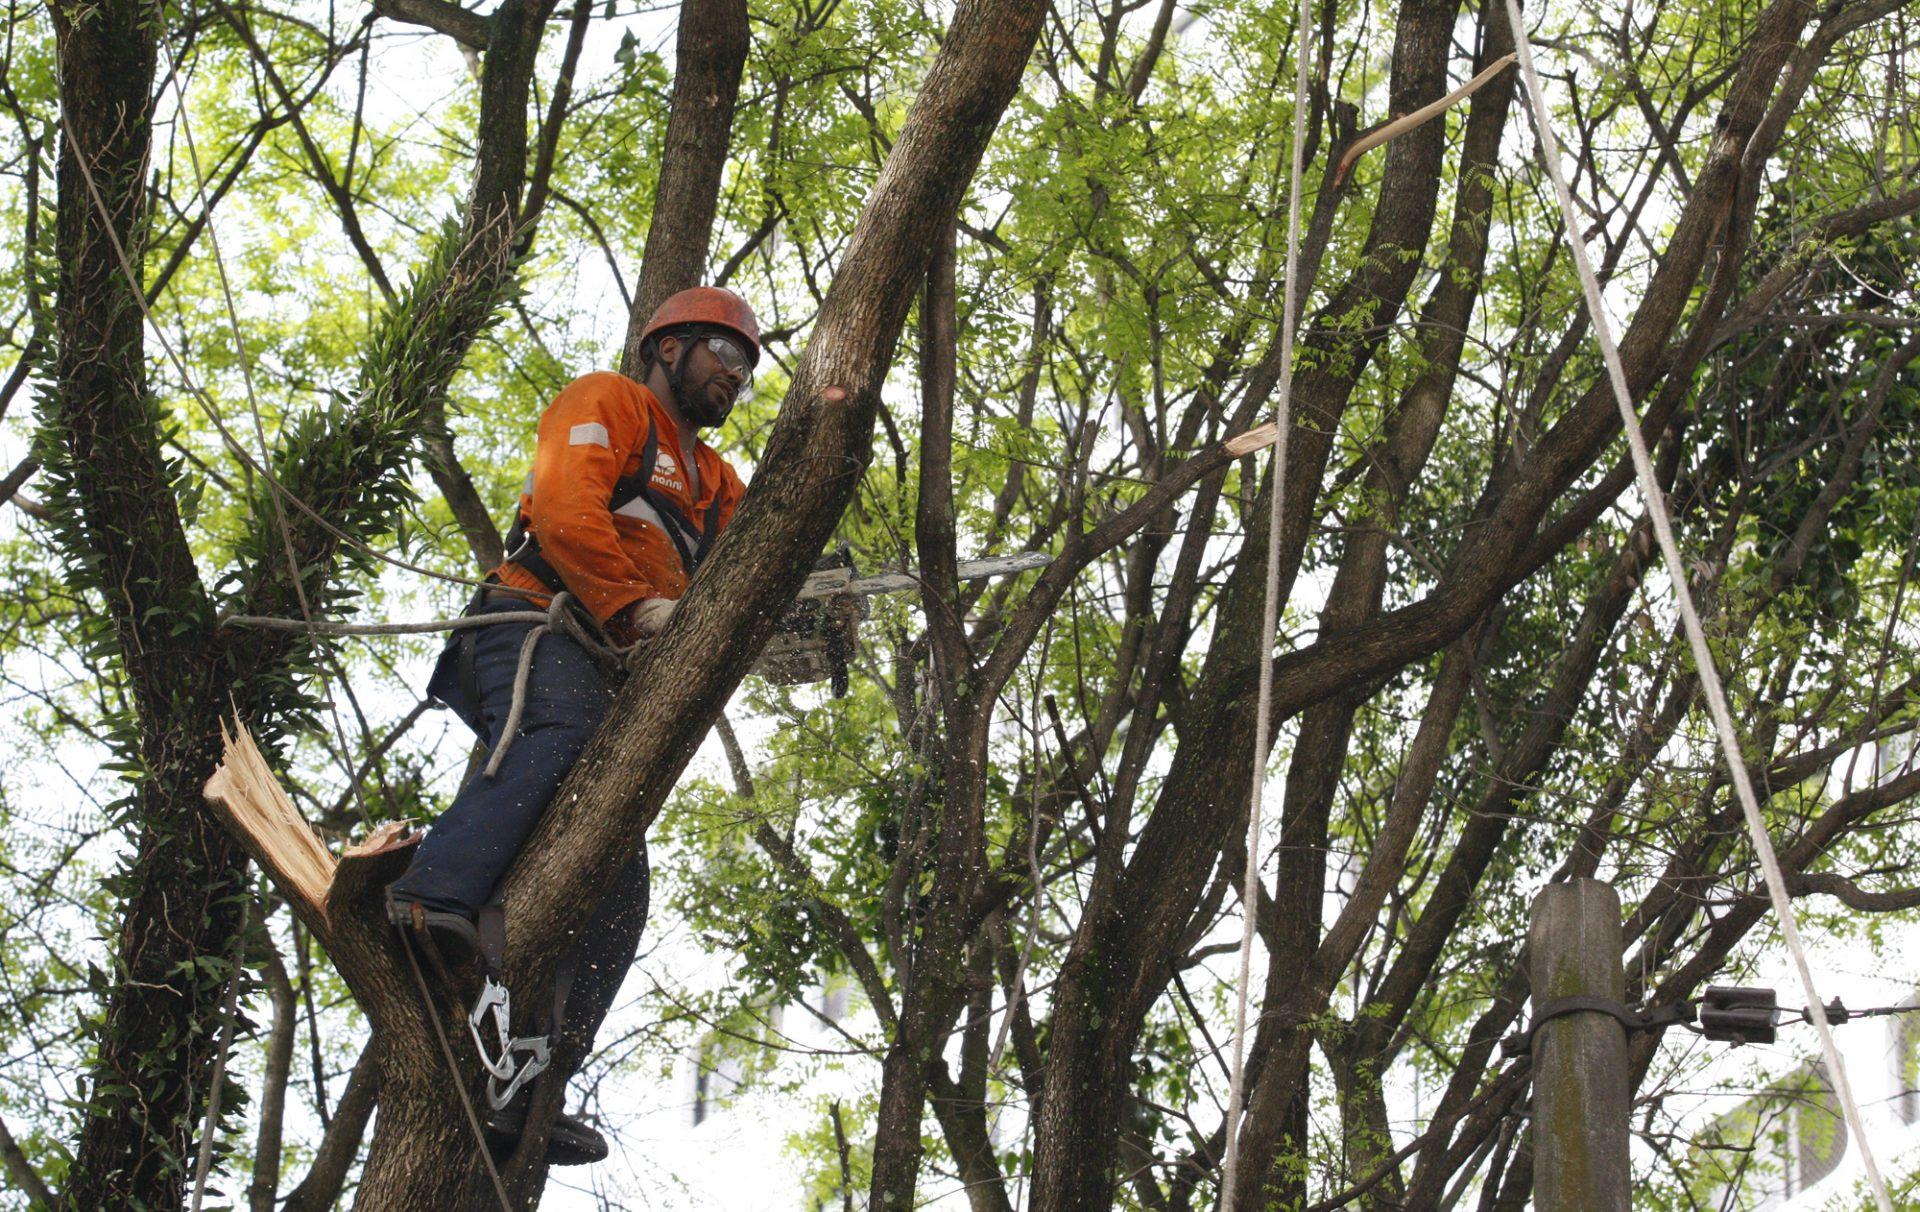 Lei de poda de árvores é alterada em SP: entenda o que muda